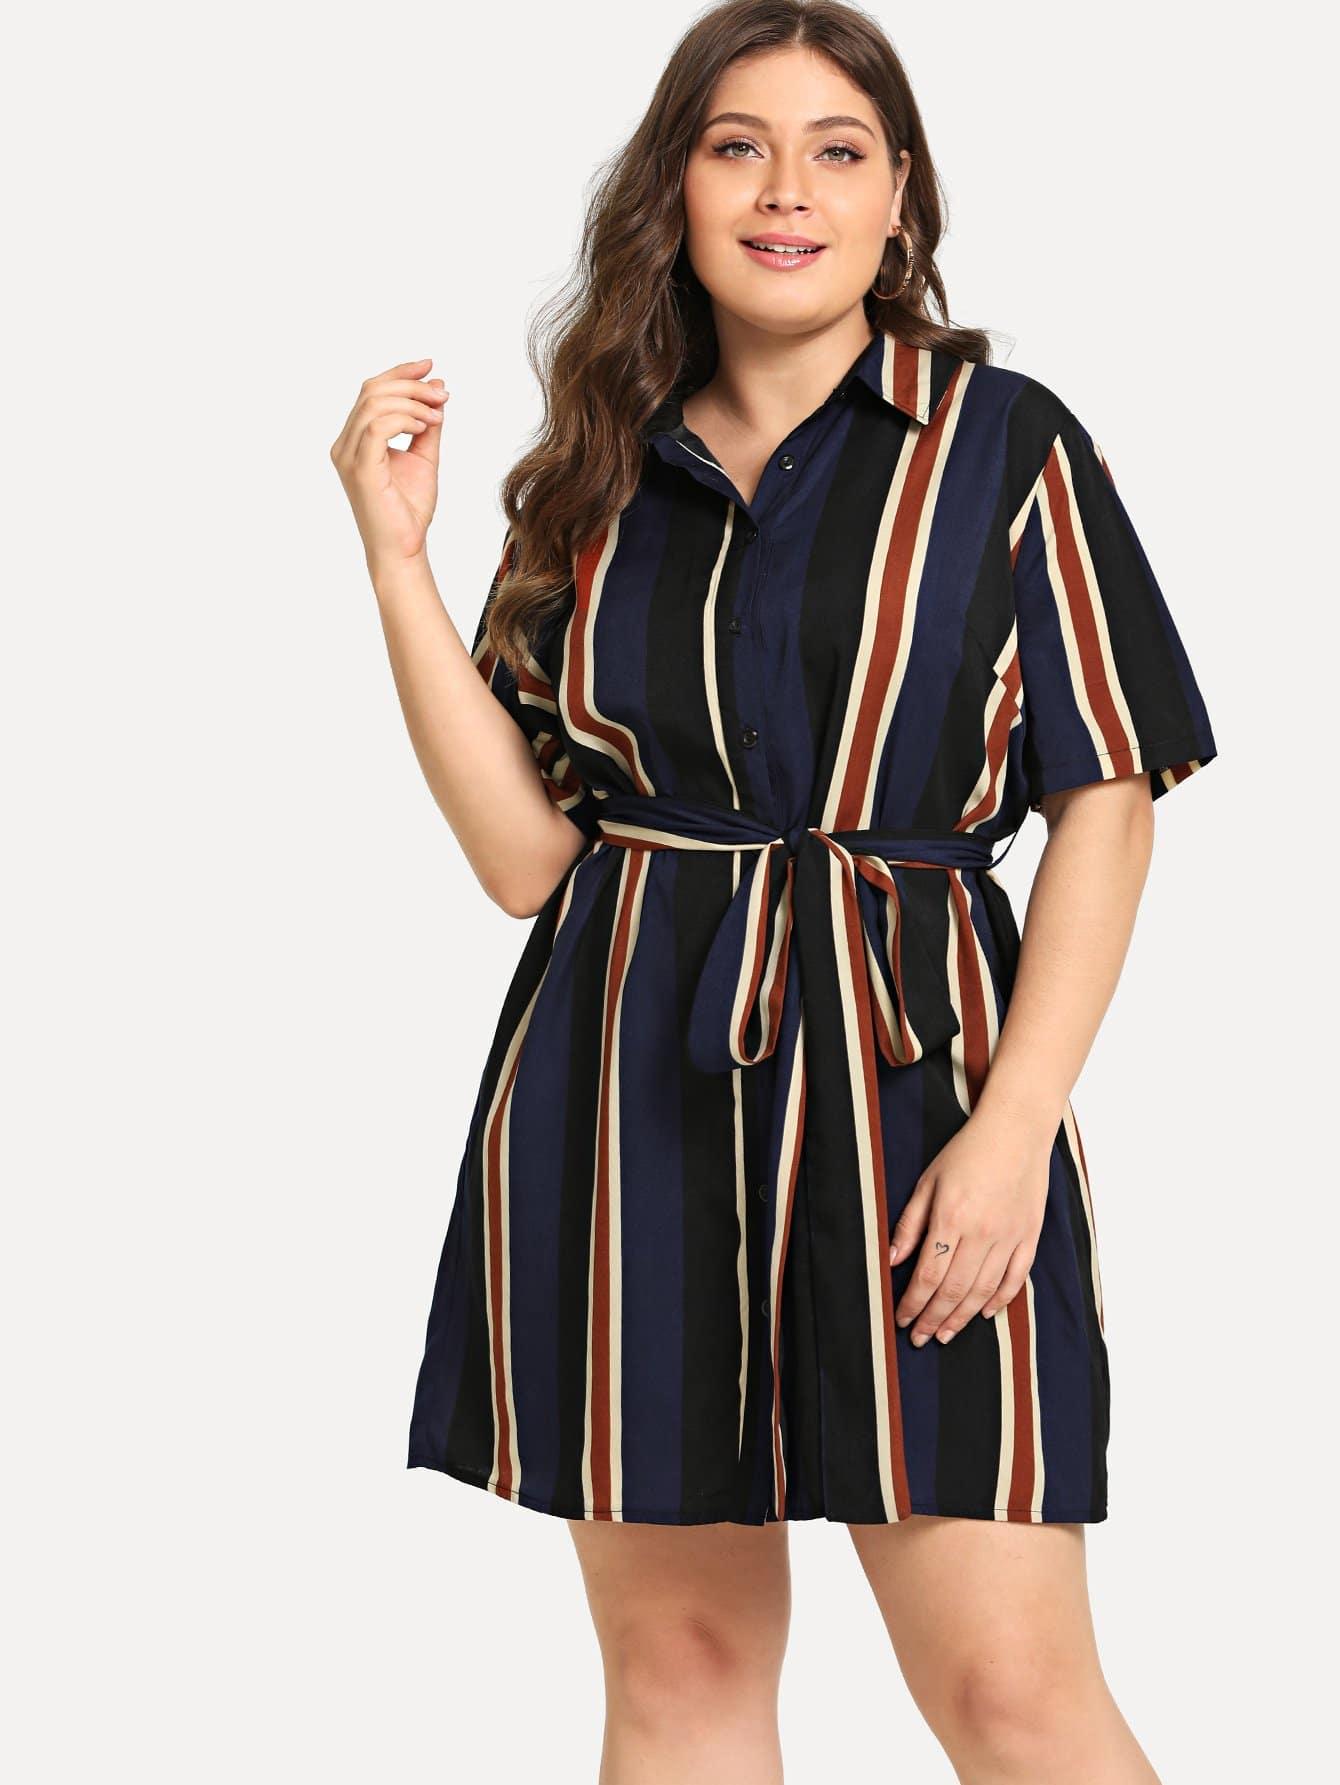 Большое полосатое платье рубашки и с поясом, Carol, SheIn  - купить со скидкой